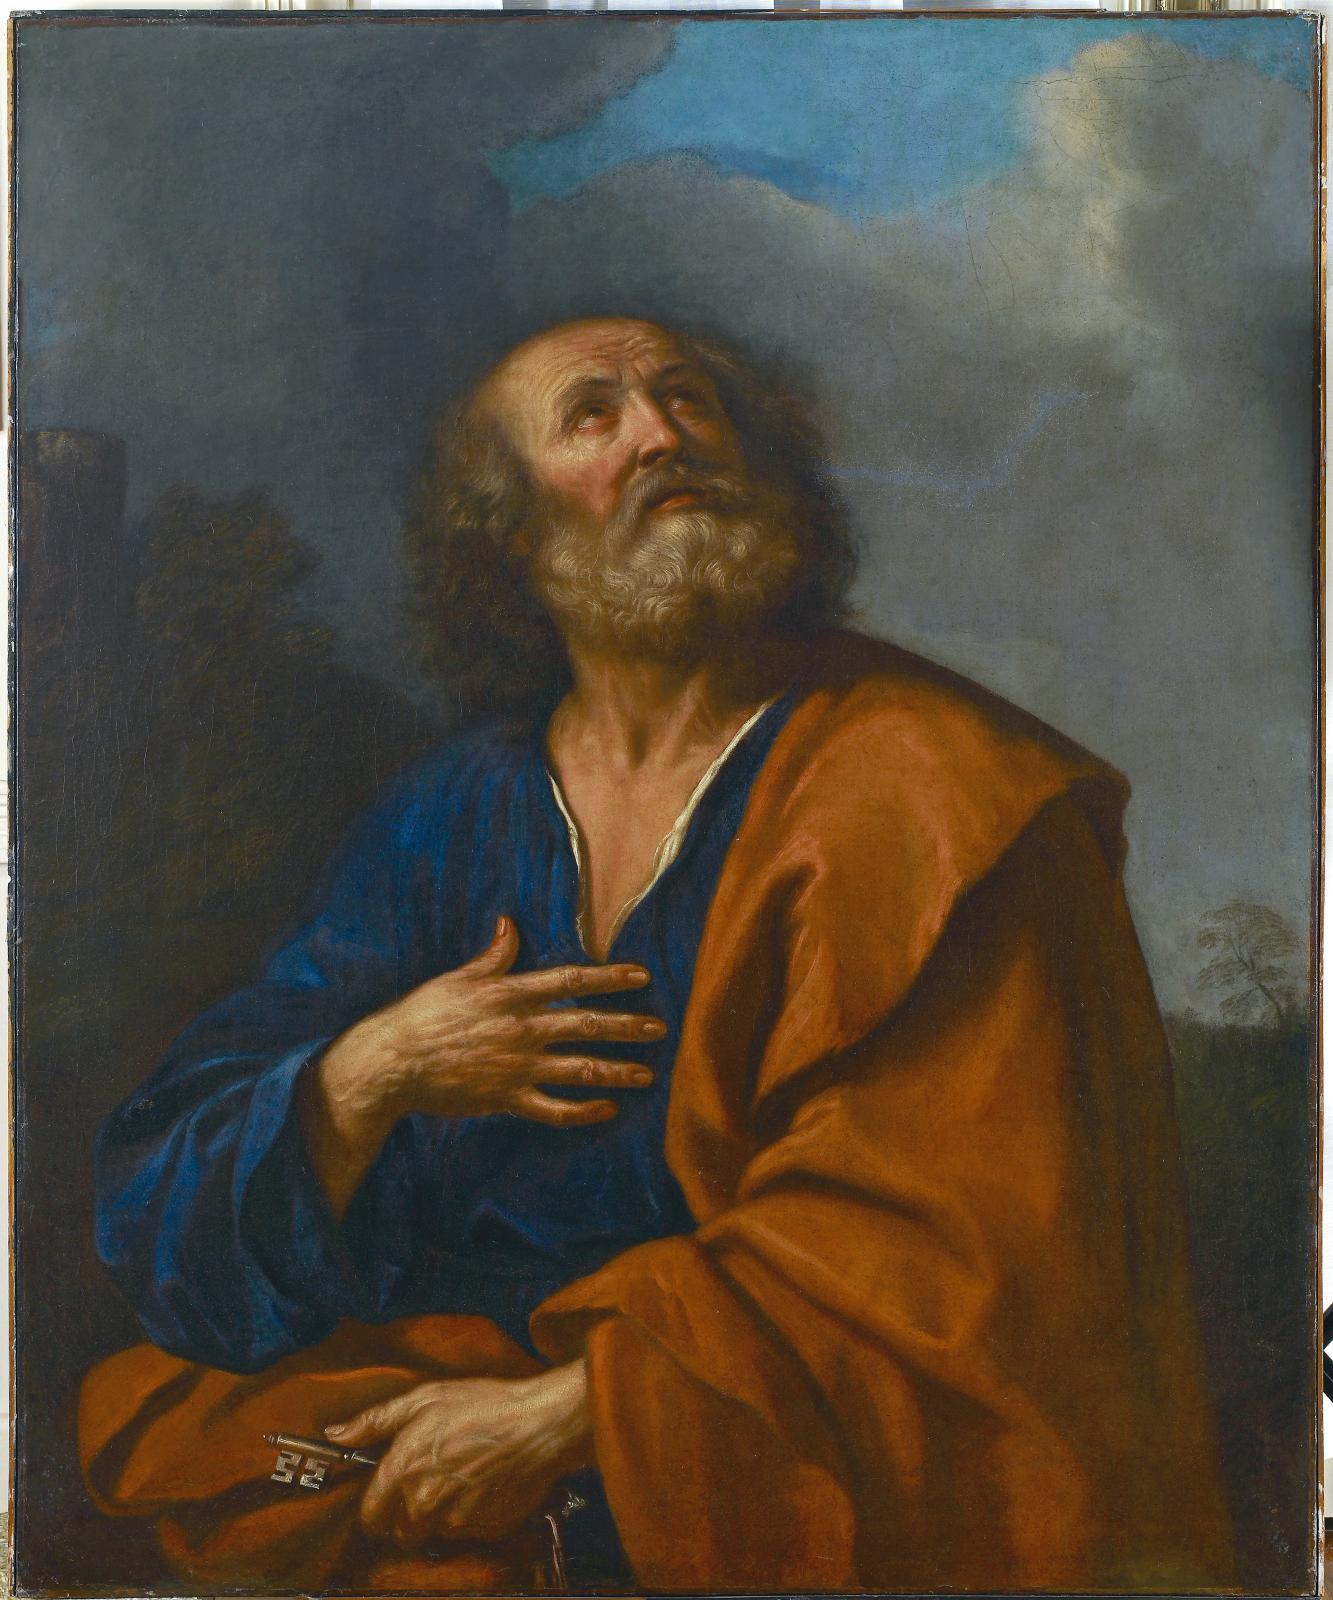 Giovanni Francesco Barbieri, dit Le Guerchin (1591-1666), Saint Pierre apôtre, huile sur toile, 113 x 92,5 cm Collection Motais de Narbonne.